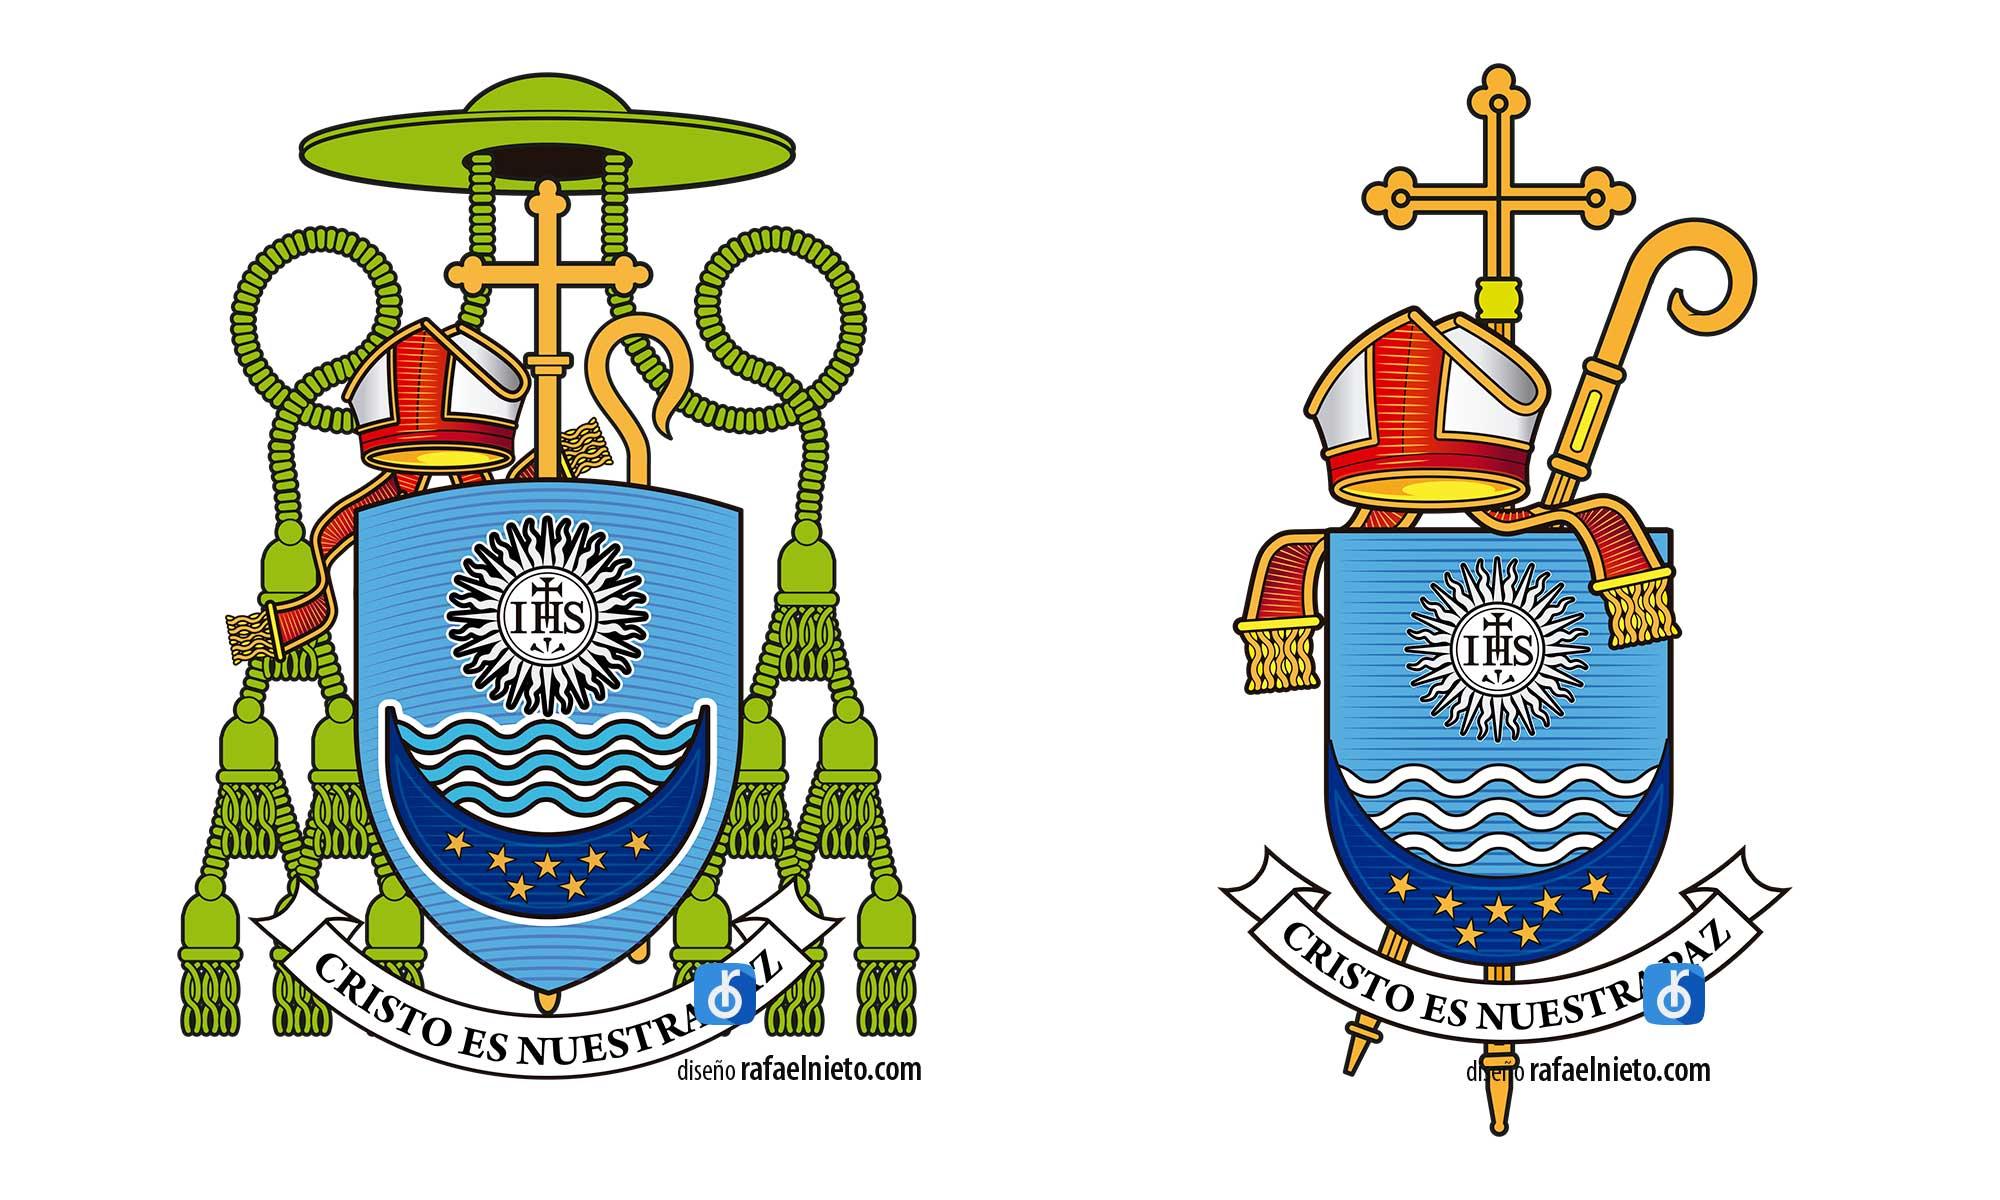 Escudo obispo. Trabajo realizado para monseñor Fernando Miguel Gil, obispo de Salto, Uruguay. Es un regalo que le hace un amigo para su ordenación episcopa